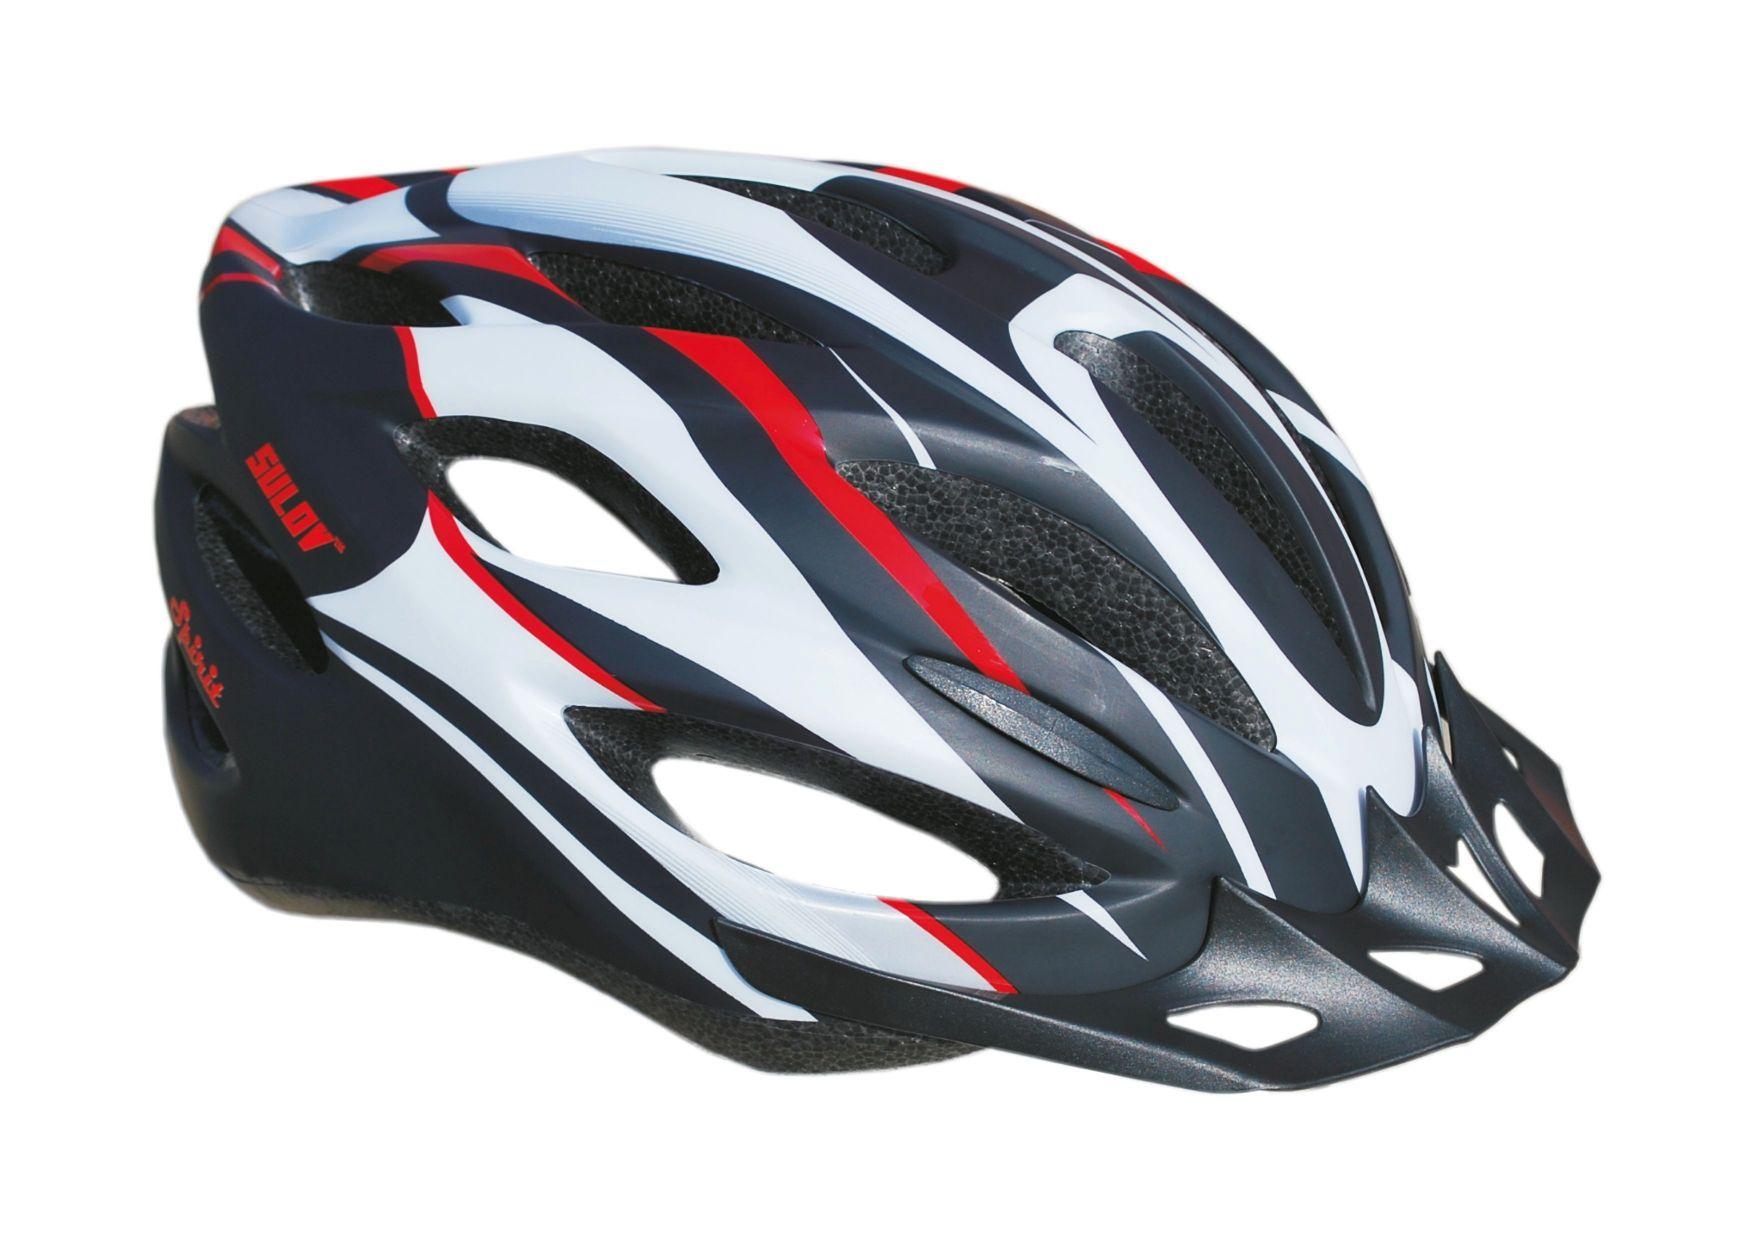 Cyklistická přilba Sulov Spirit černo-červená polomat